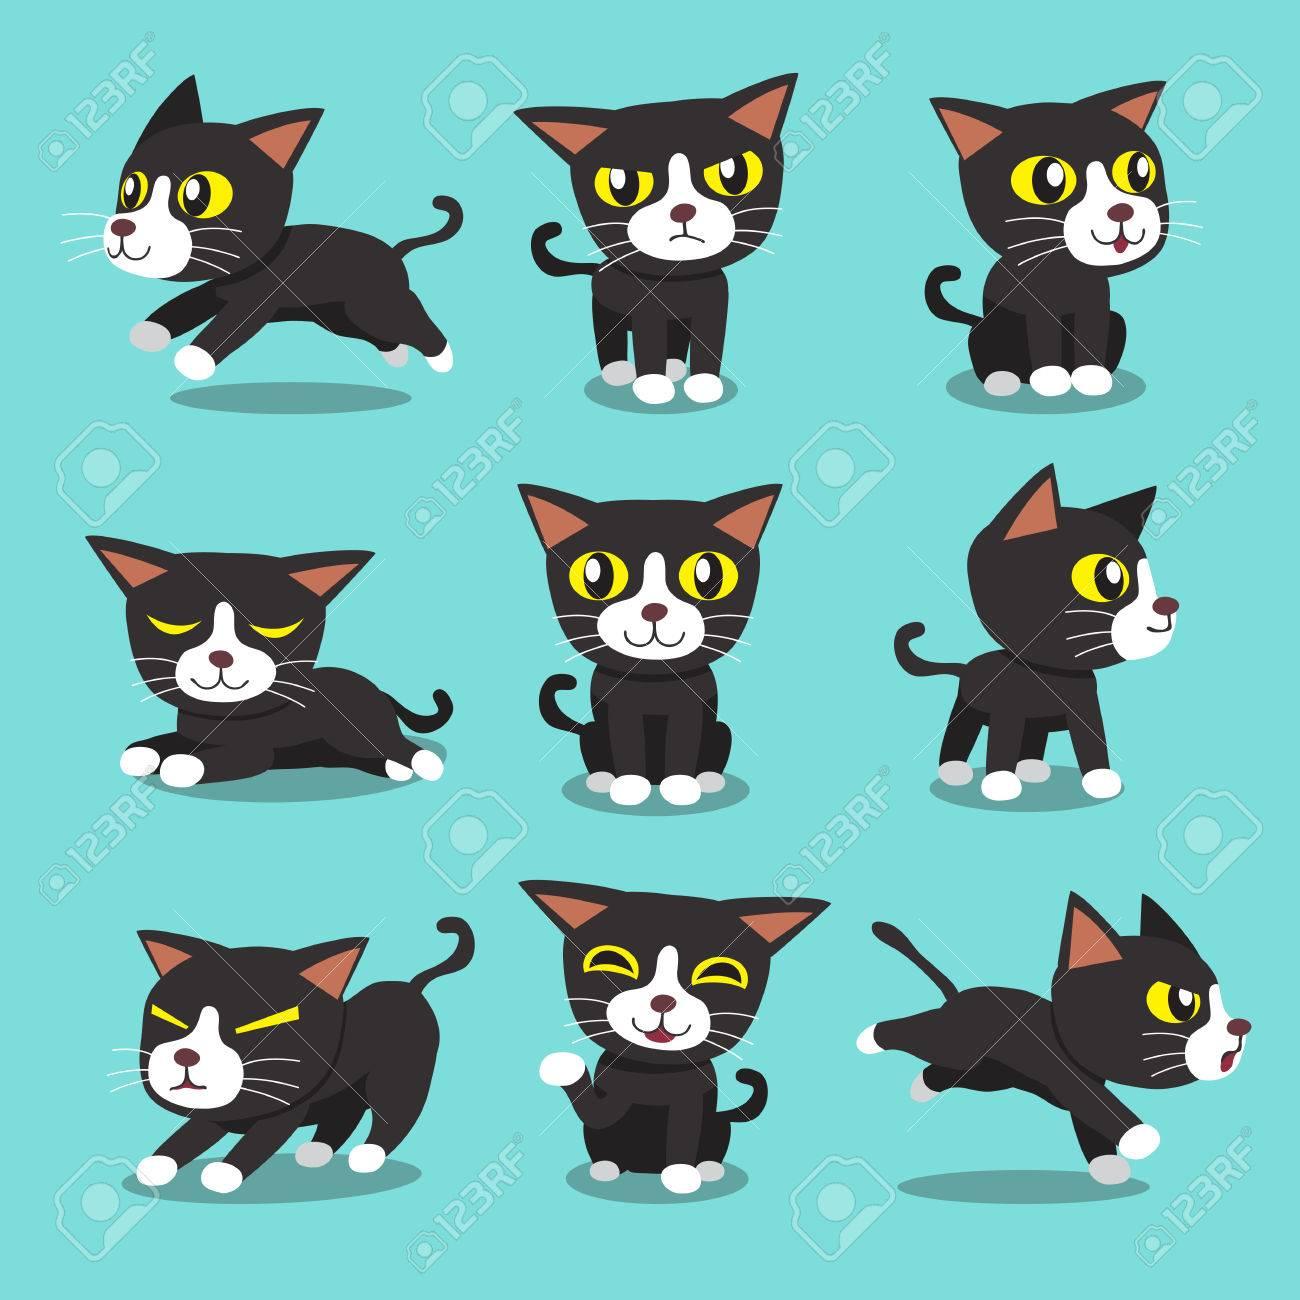 Cartoon character cat poses - 53668481